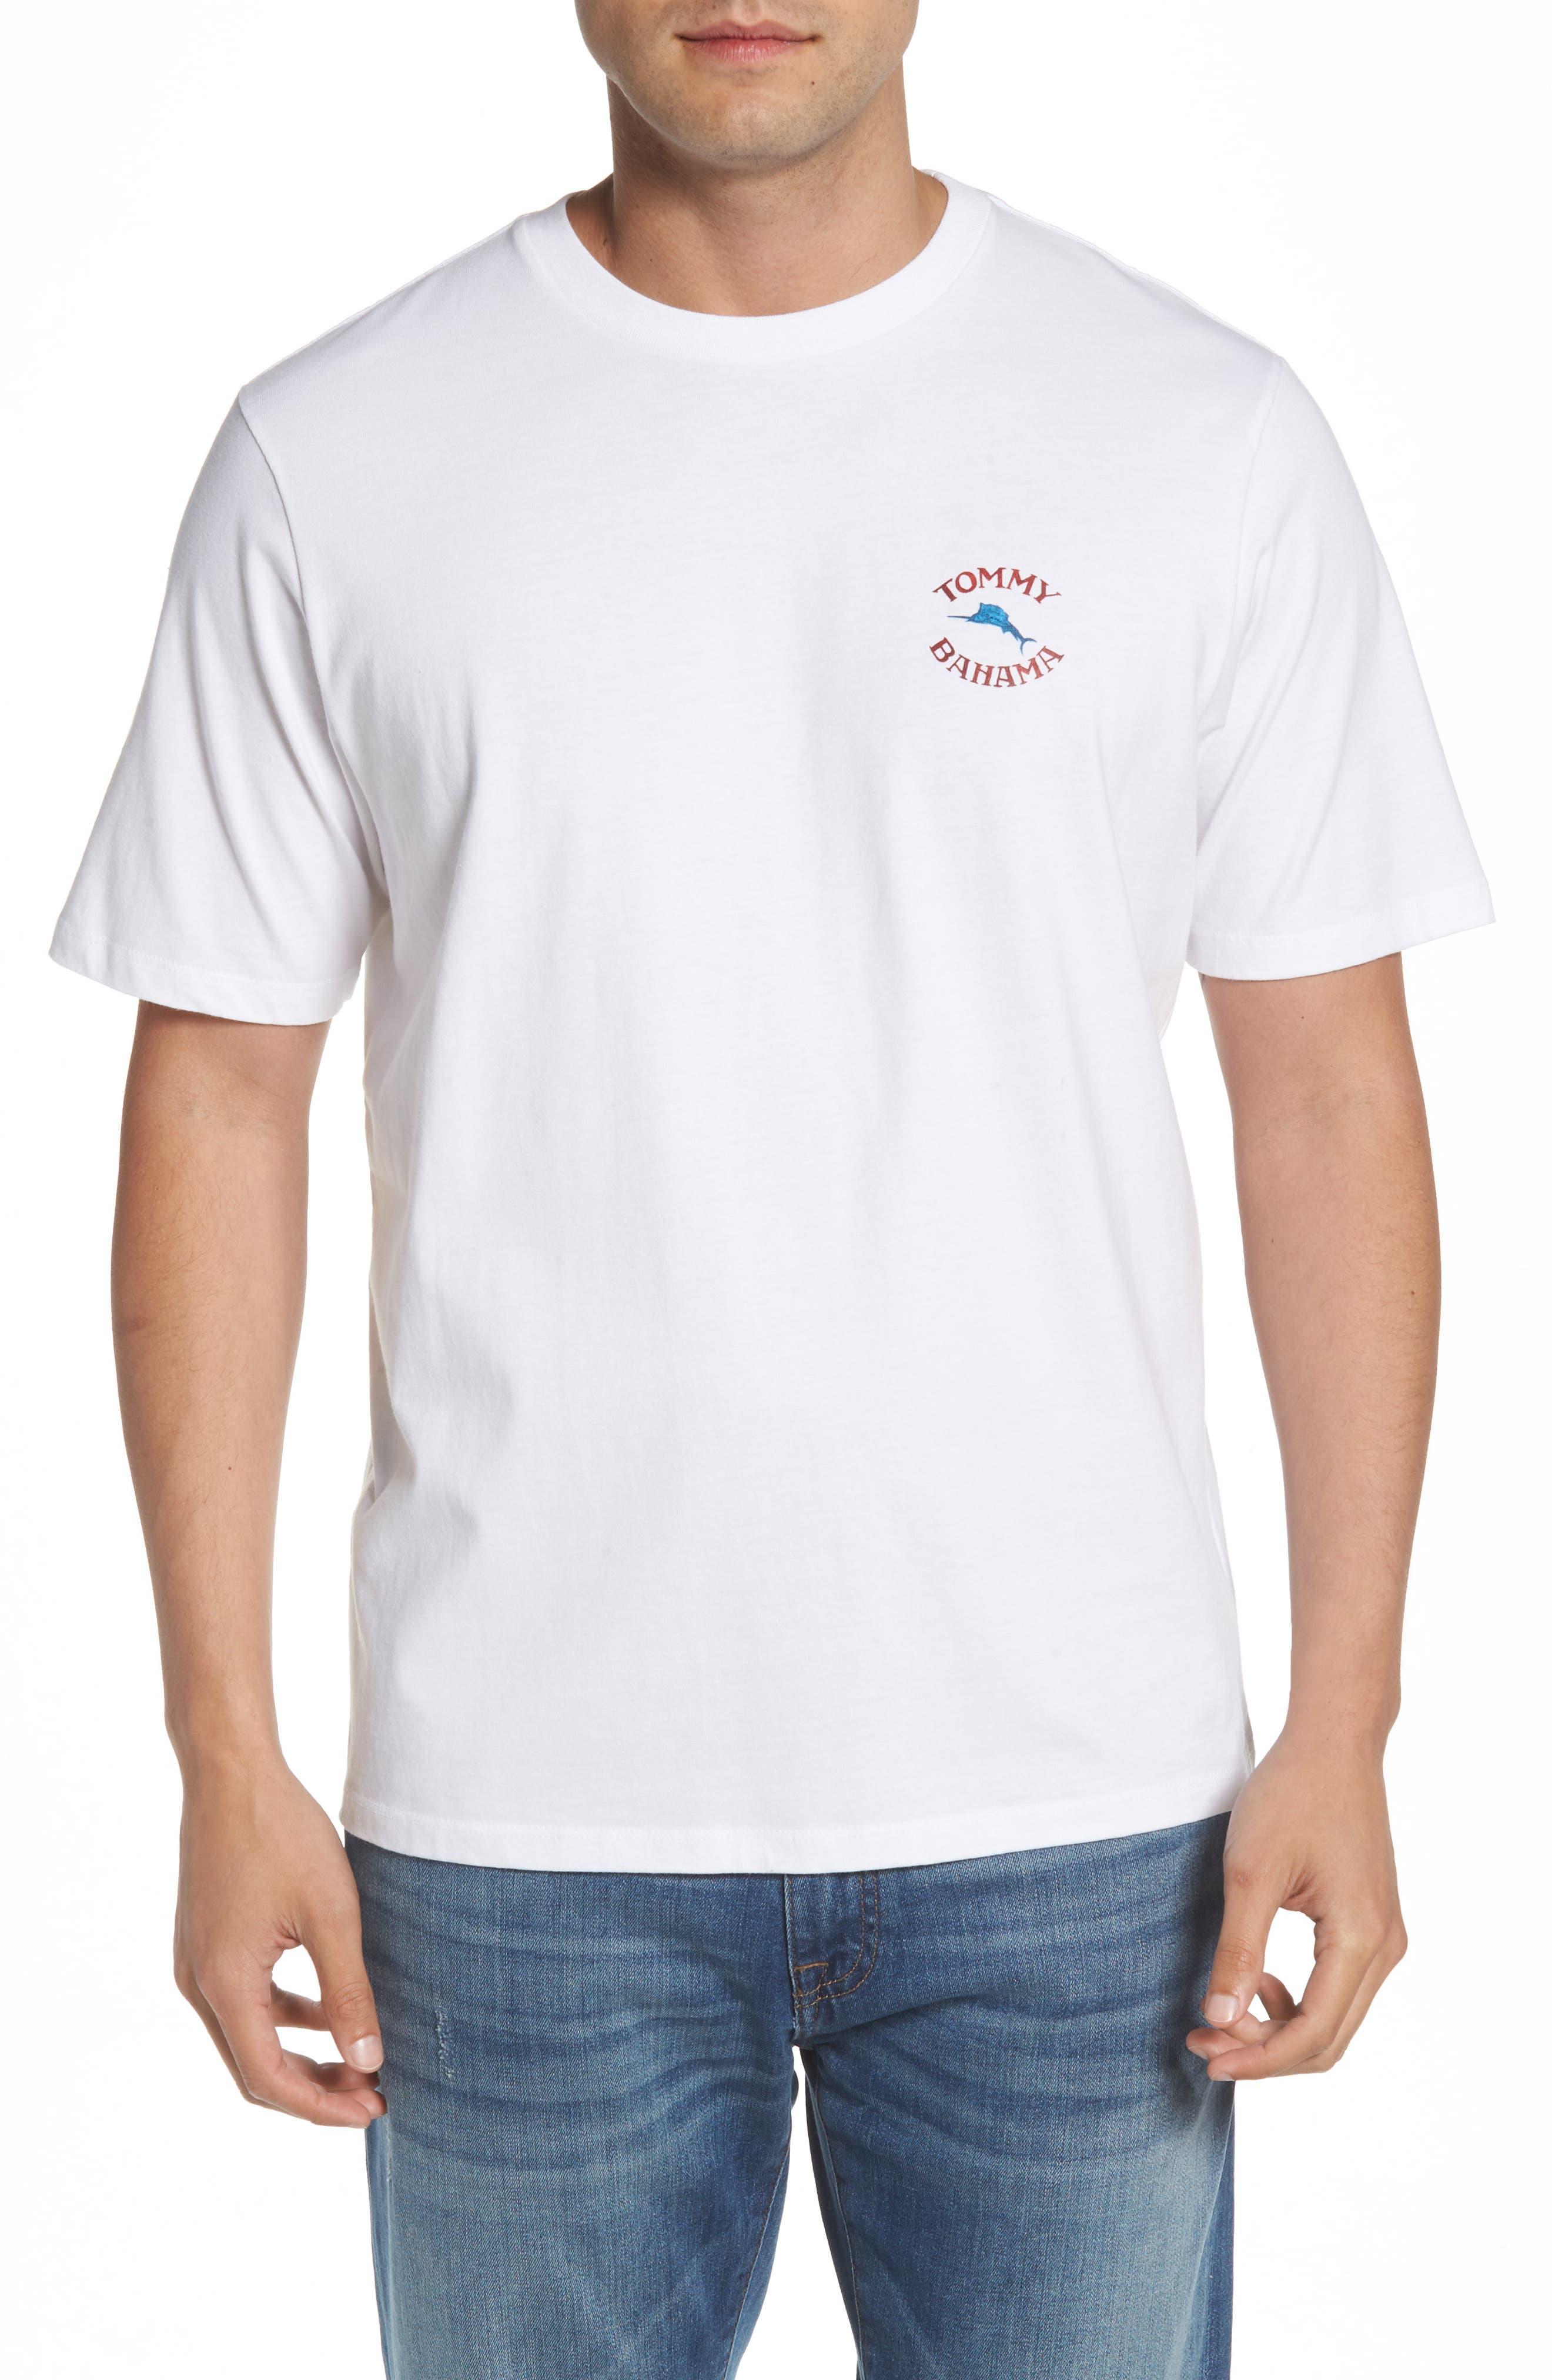 Pail-Eo Diet T-Shirt,                             Main thumbnail 1, color,                             100